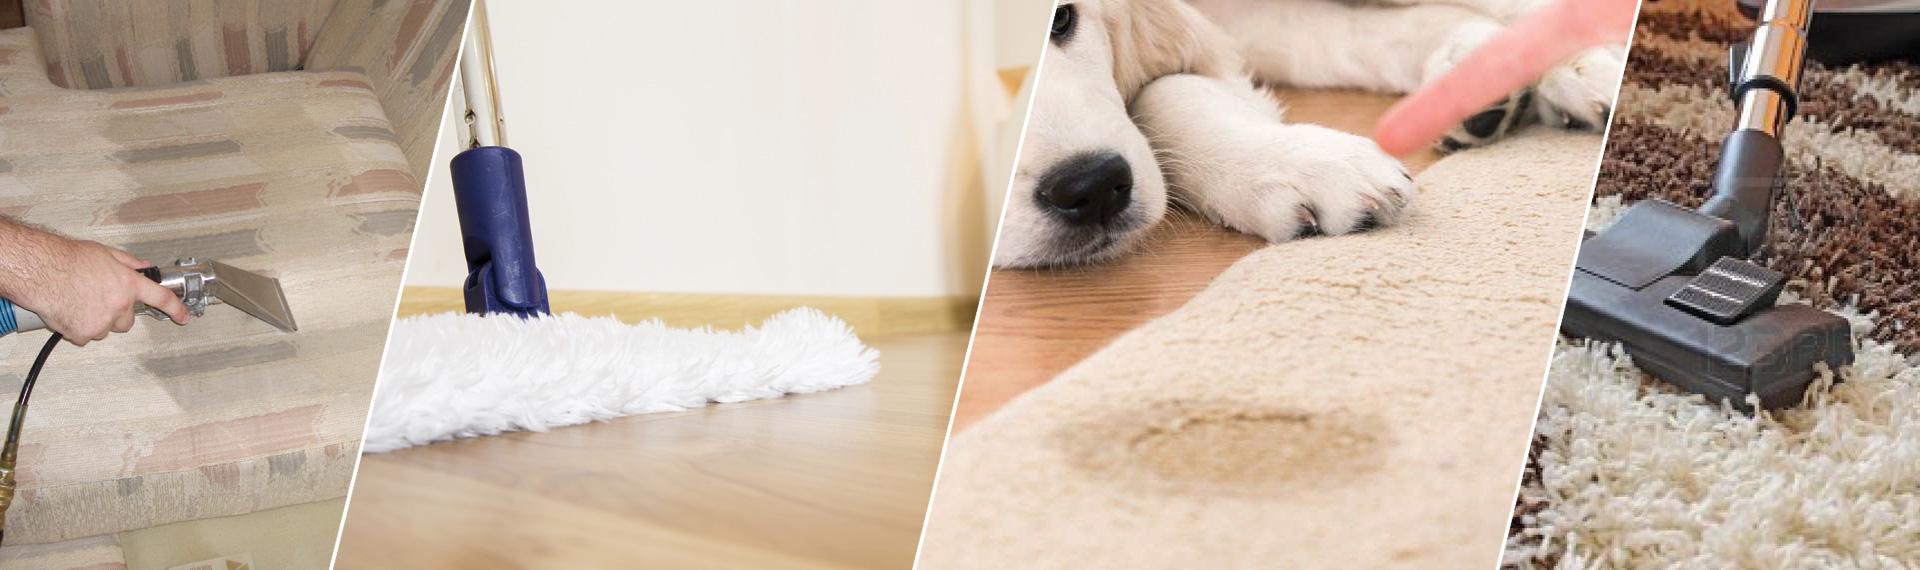 Reliable Carpet Cleaning Cerritos CA